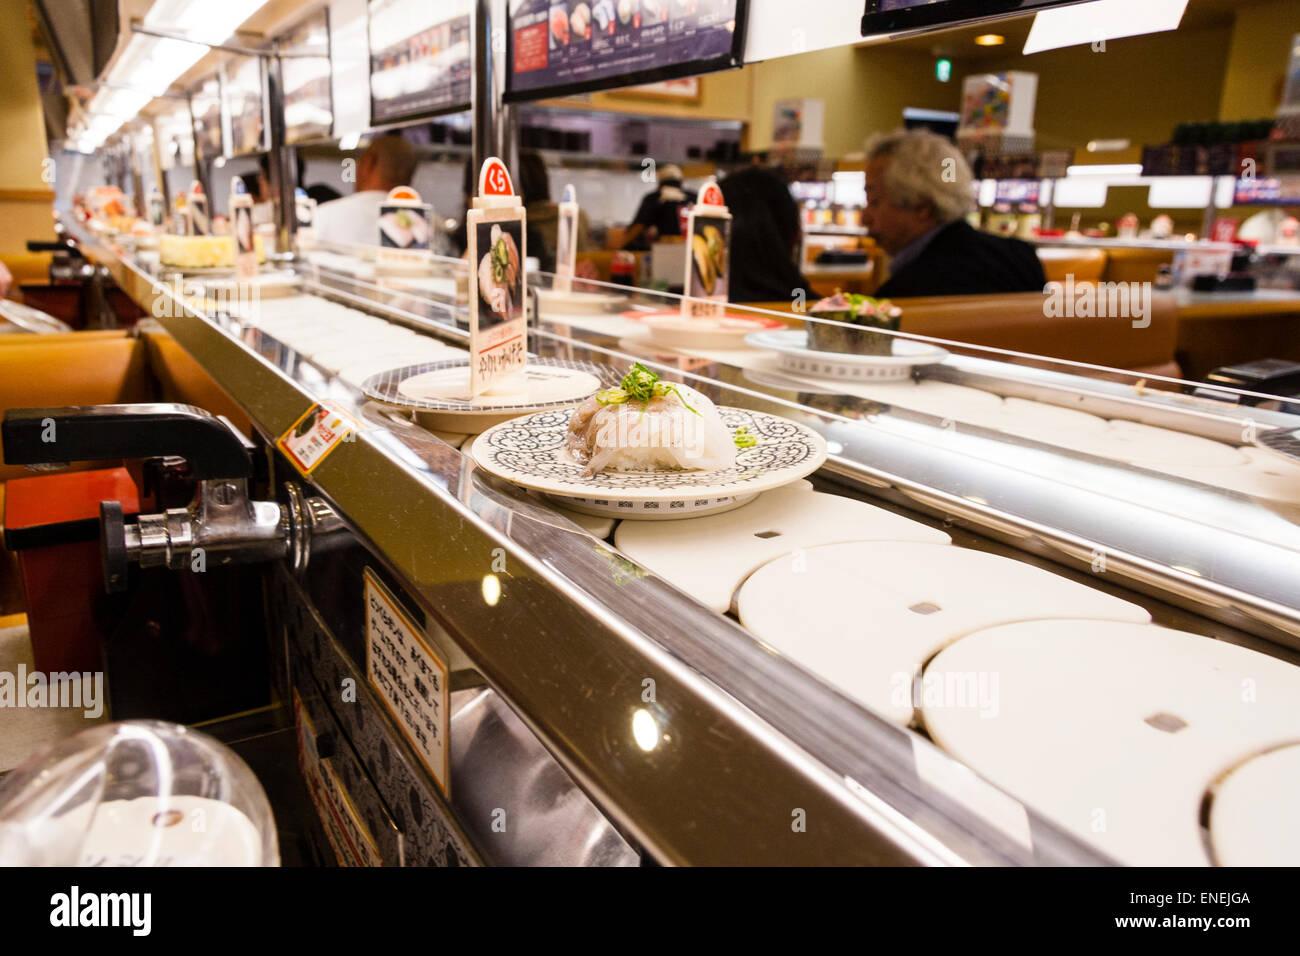 https www alamyimages fr photo image interieur d un restaurant de sushis japonais typique gros plan de divers sushis et aliments sur des assiettes se deplacant le long du tapis roulant 82071146 html